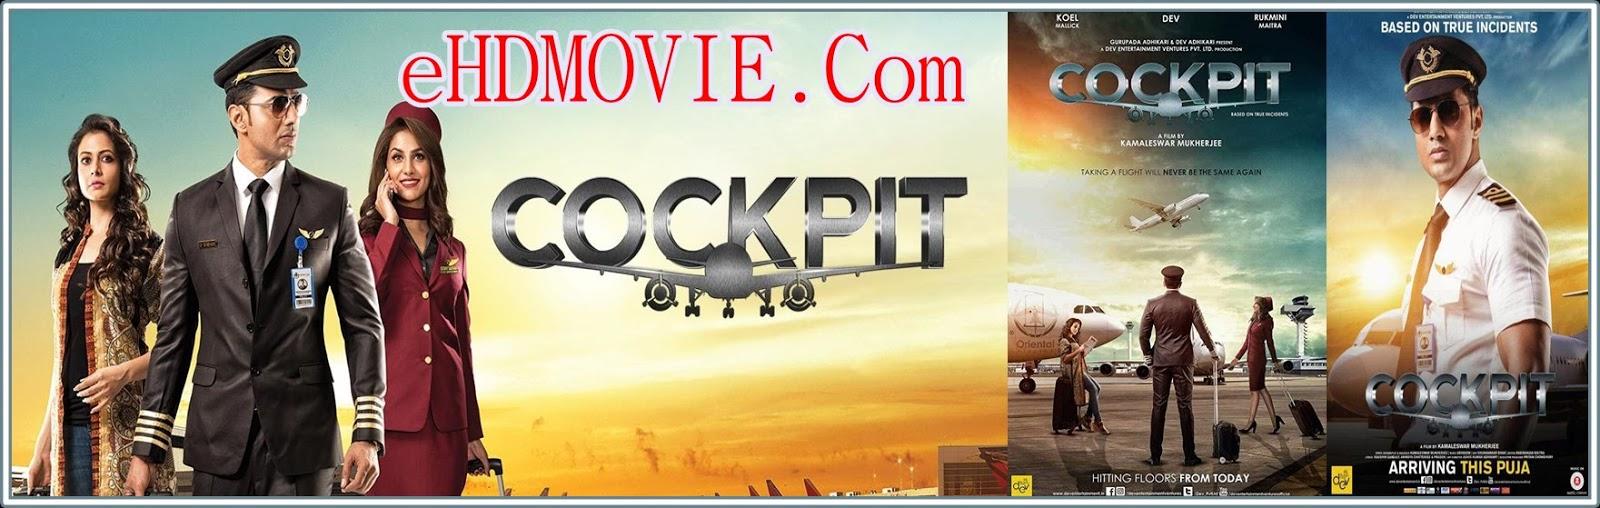 Cockpit 2017 Bengali Full Movie Original 480p - 720p ORG WEB-DL 450MB - 1.1GB